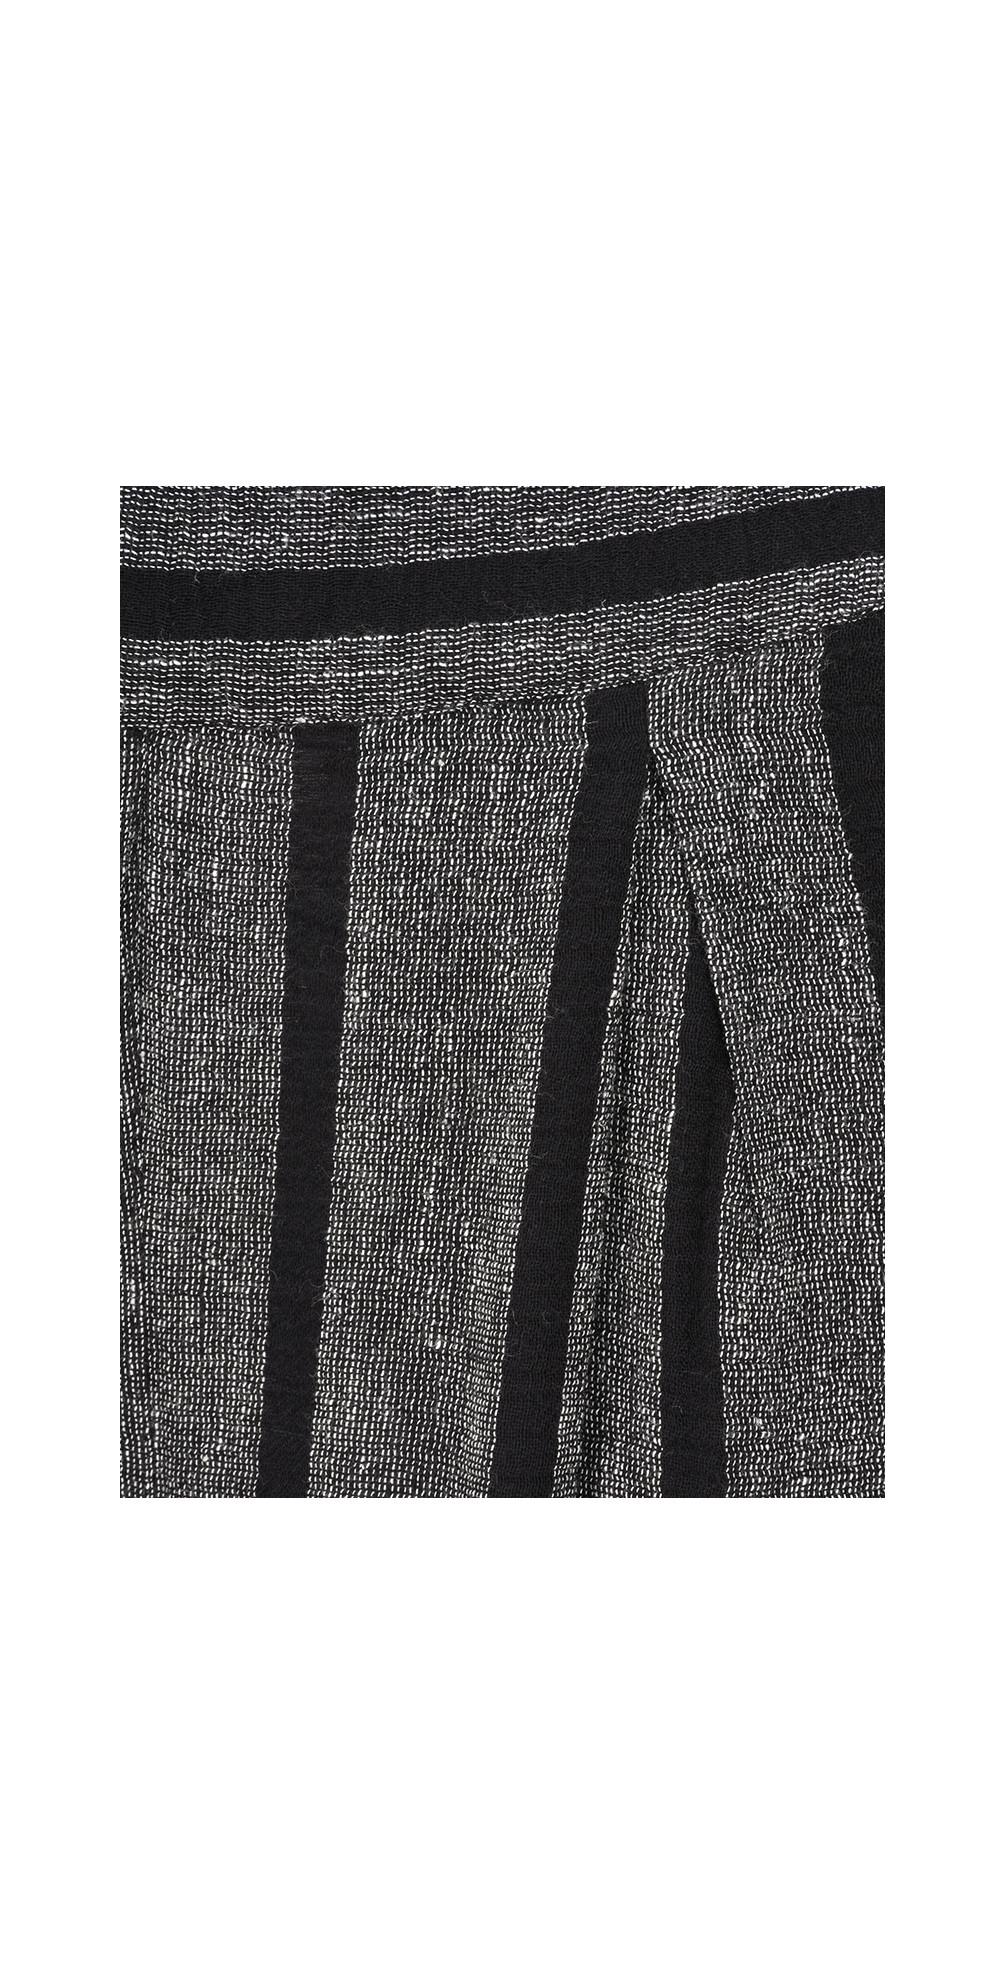 Pusna Stripe Culotte main image